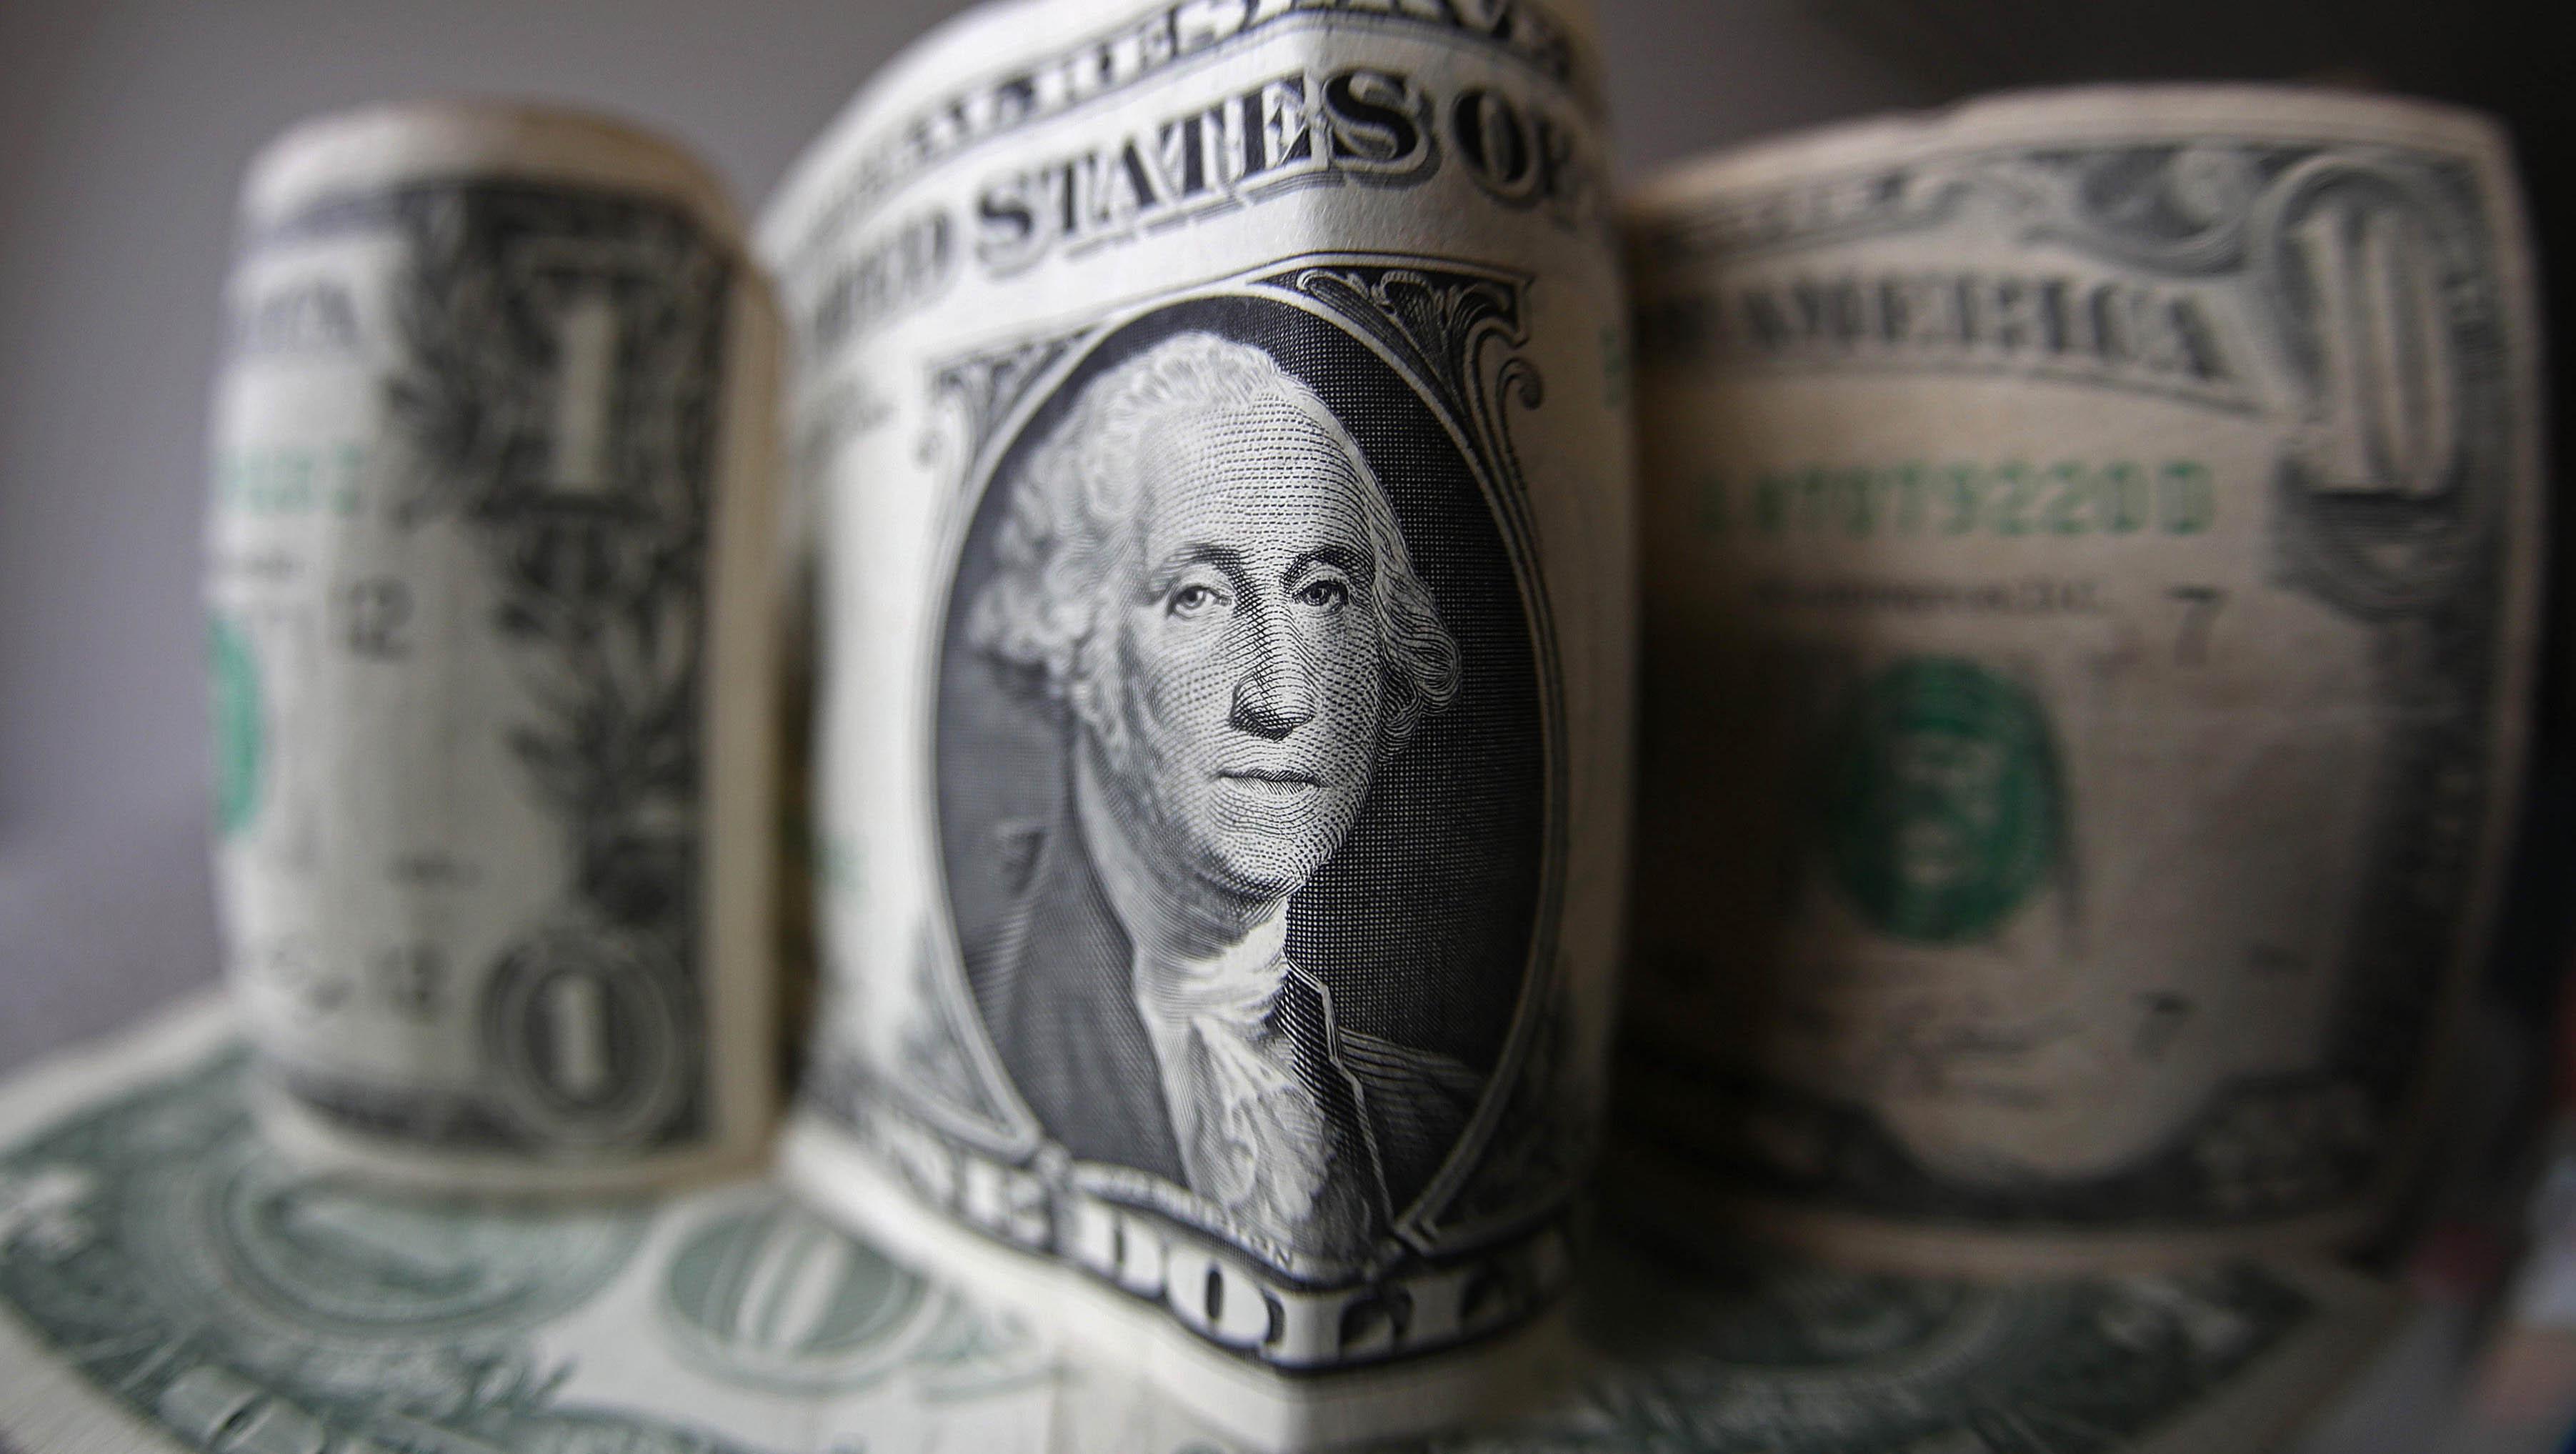 ATENCION: Liberan control de cambio al dejar operaciones en manos de privados